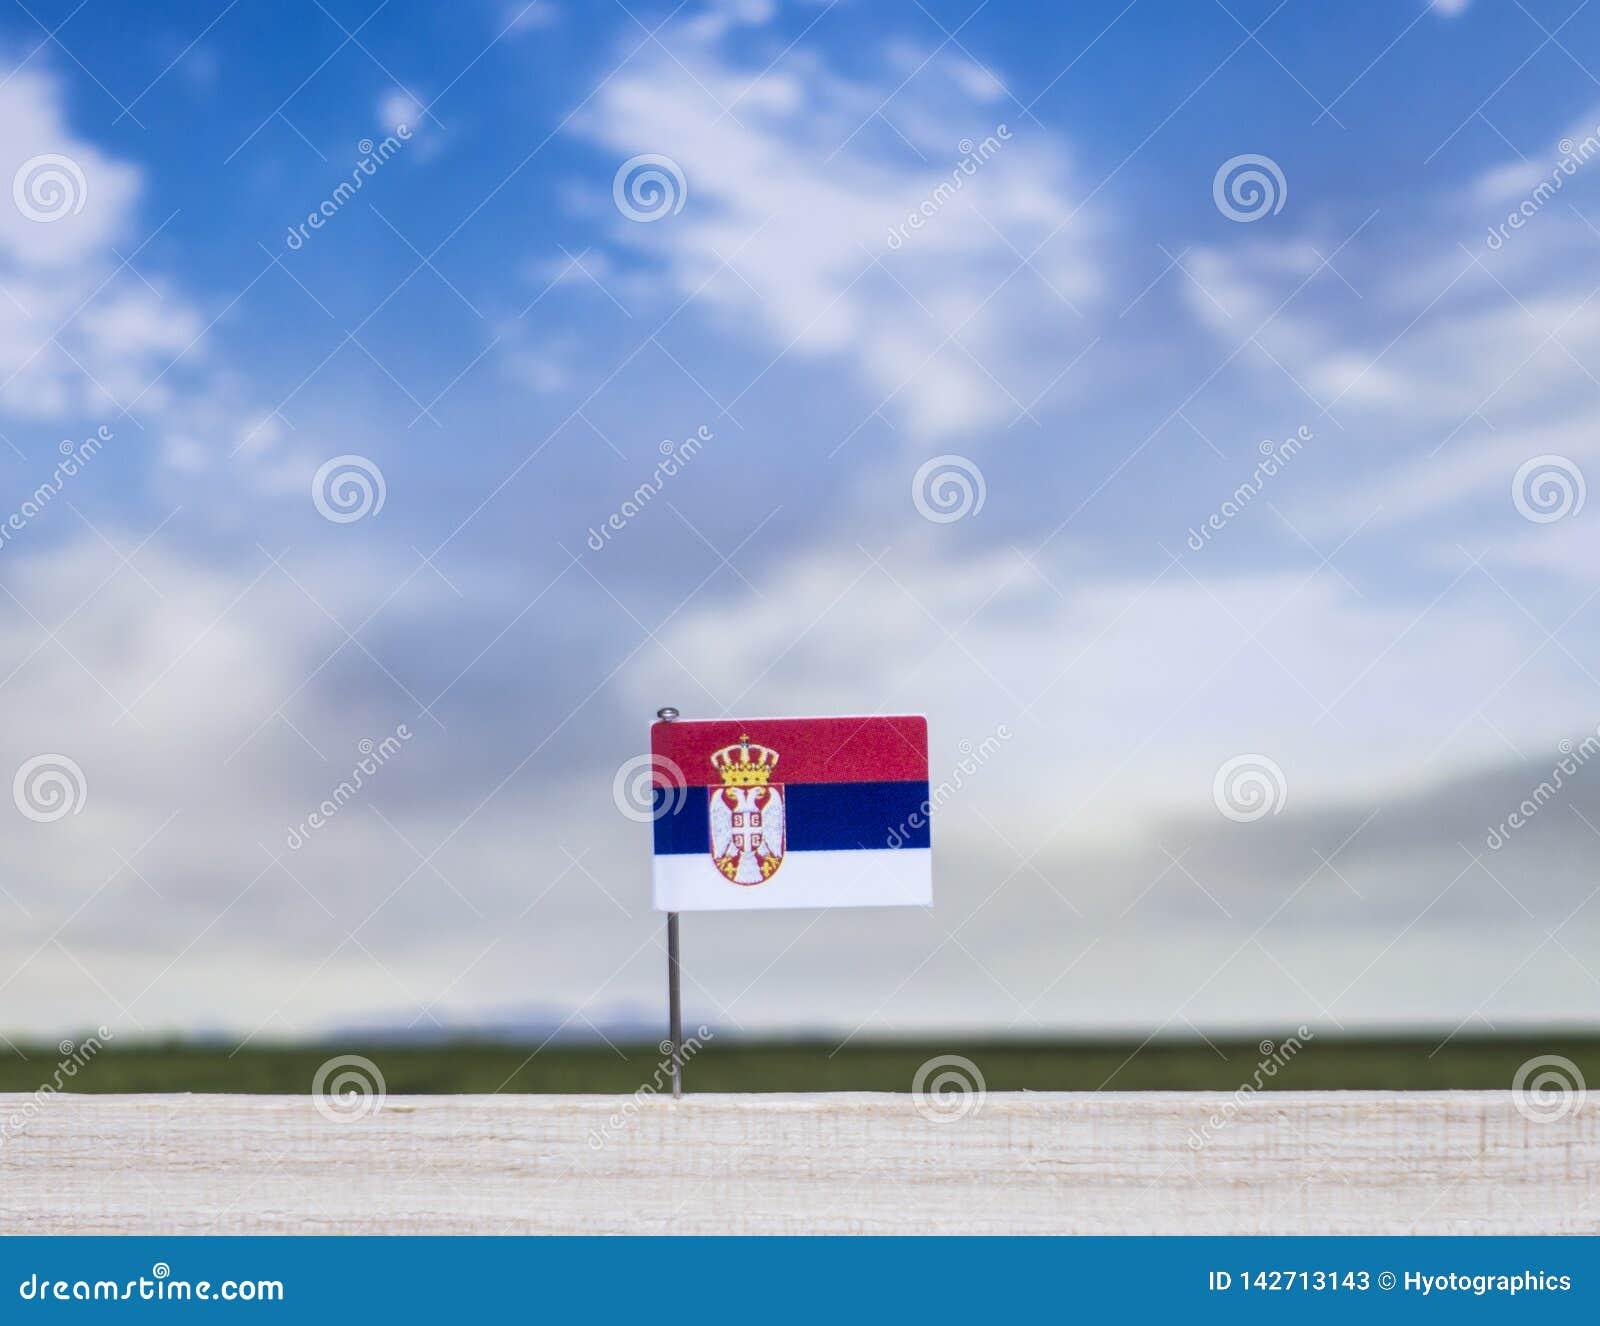 Bandeira da Sérvia com prado vasto e o céu azul atrás dele